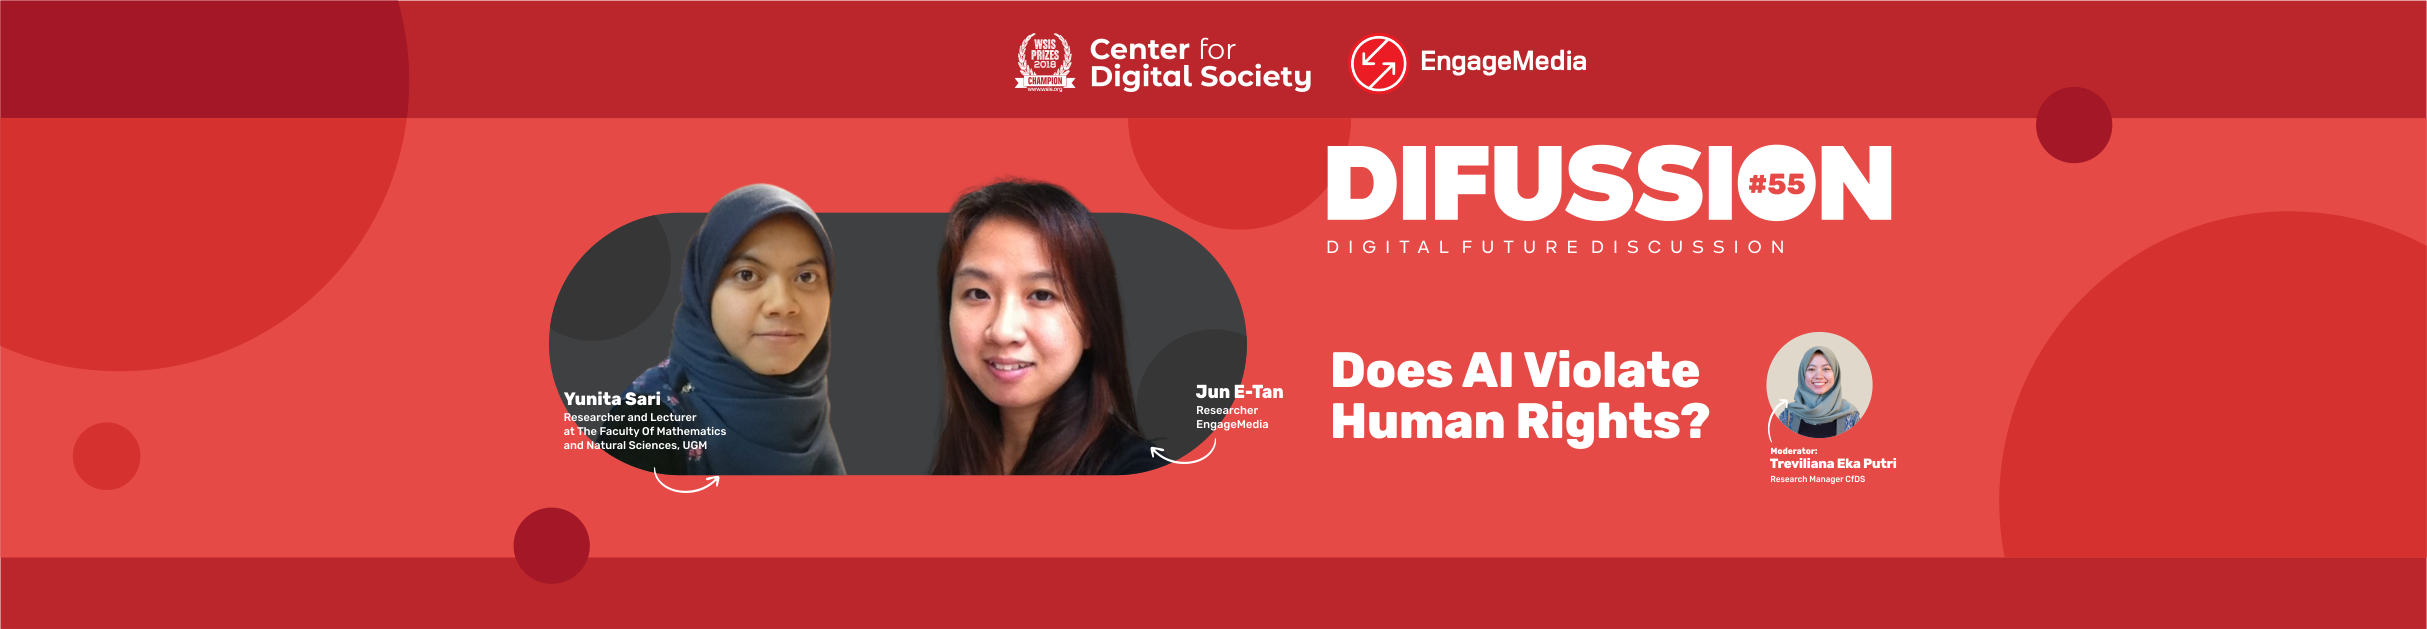 [SIARAN PERS] Apakah AI Melanggar Hak Asasi Manusia? | Difussion #56